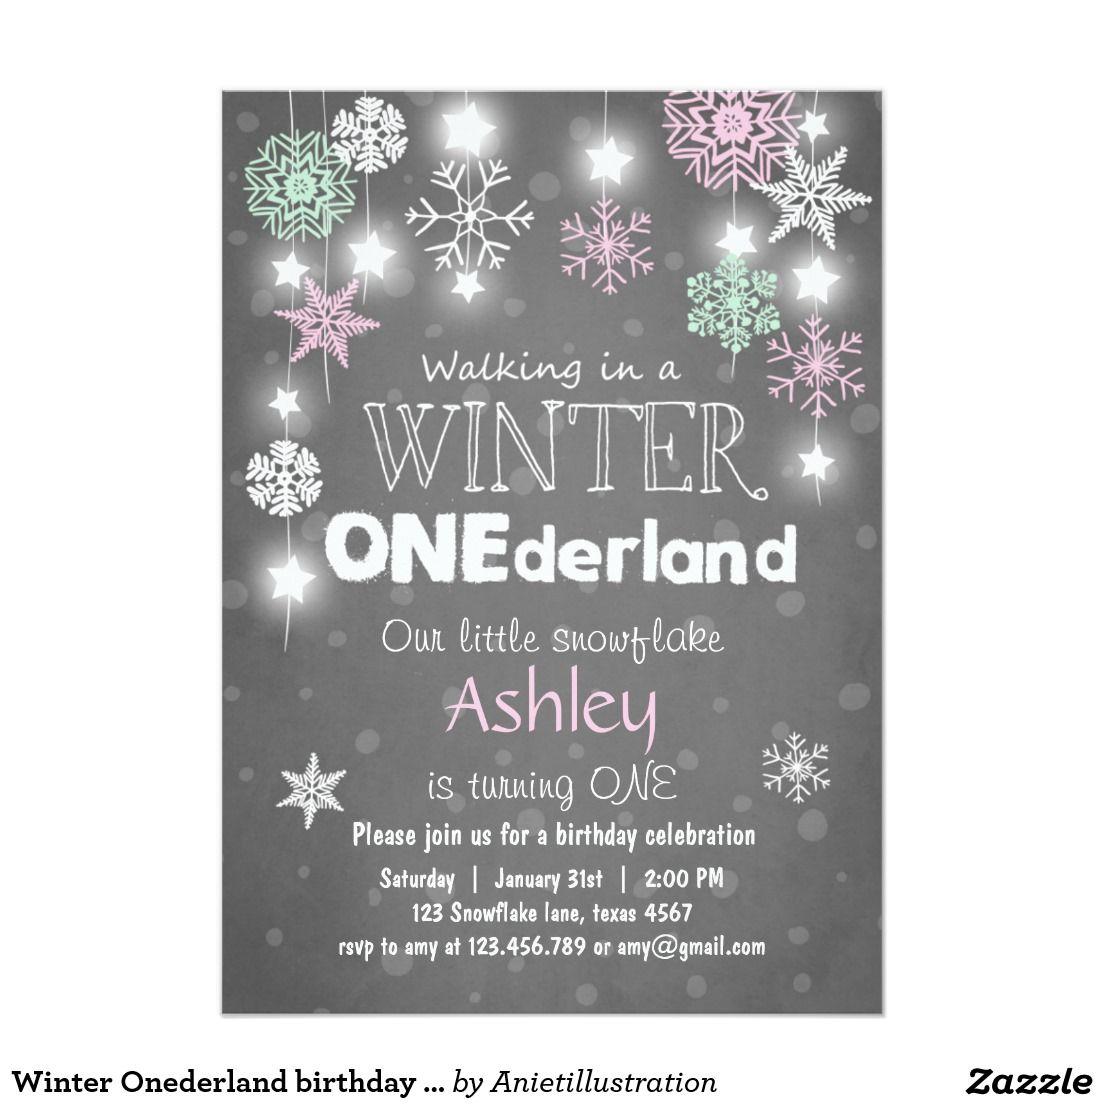 Winter Onederland birthday party invite Mint pink | Winter onederland